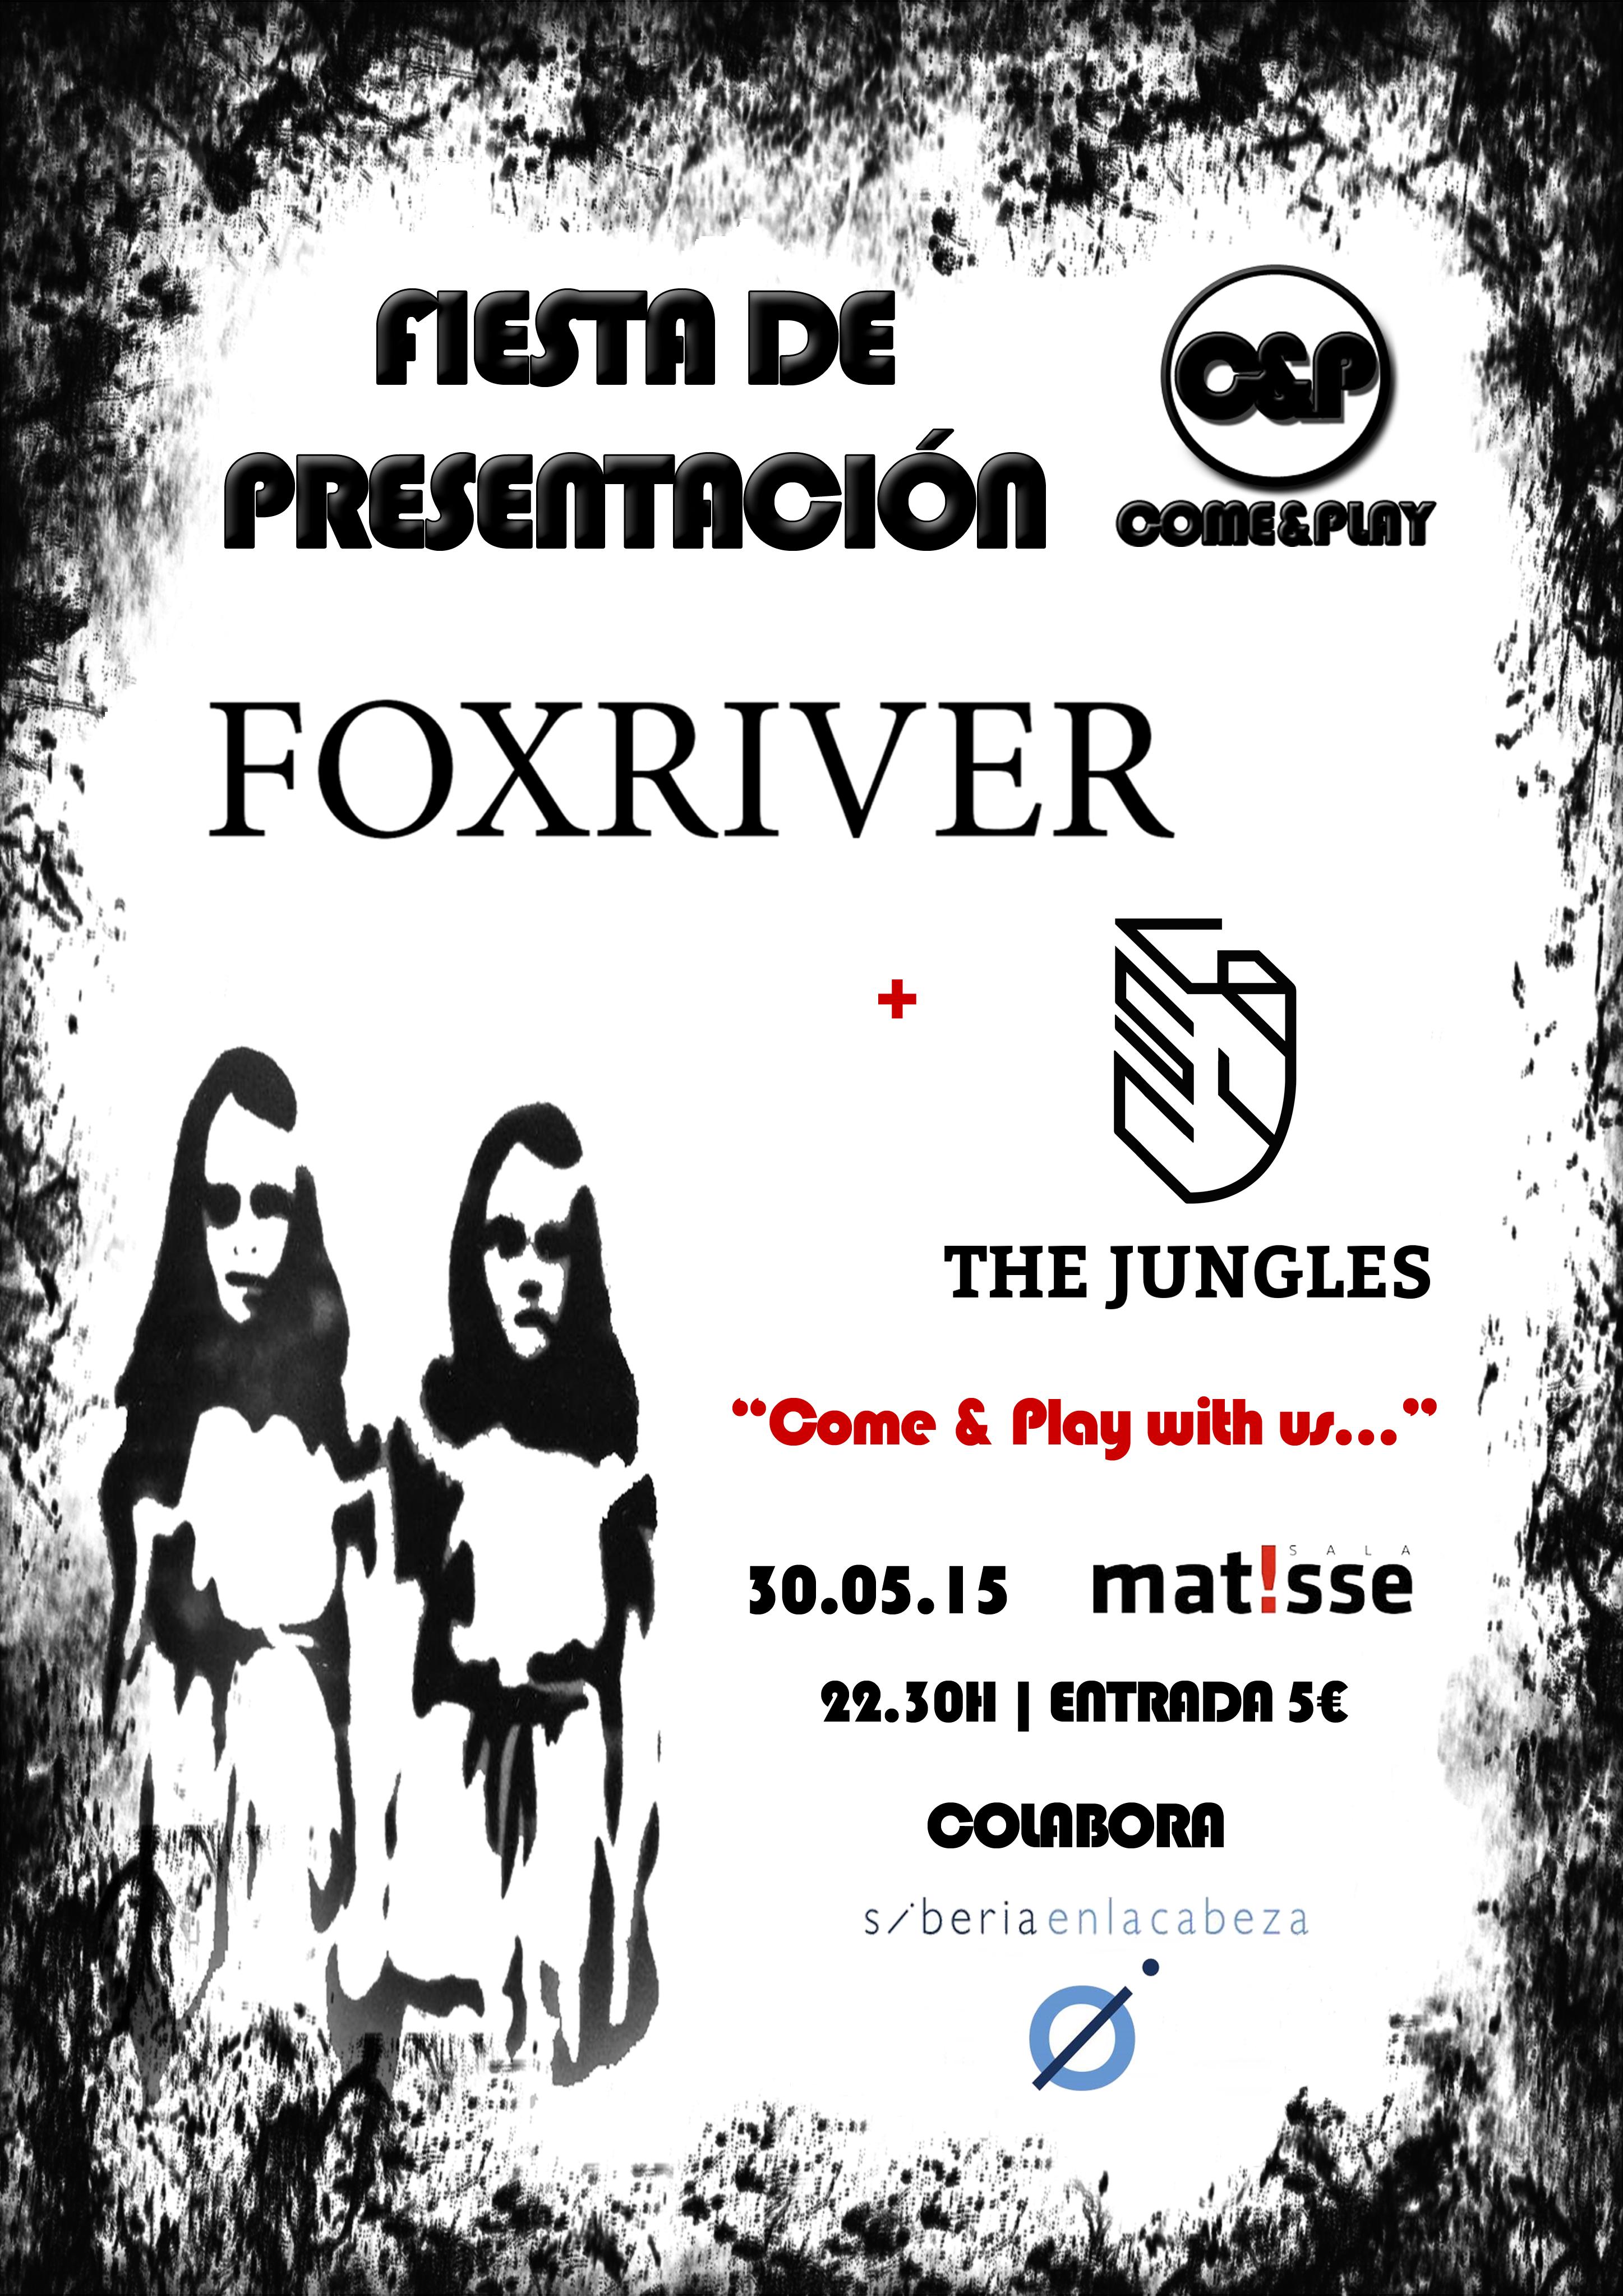 FOXRIVER + THE JUNGLES